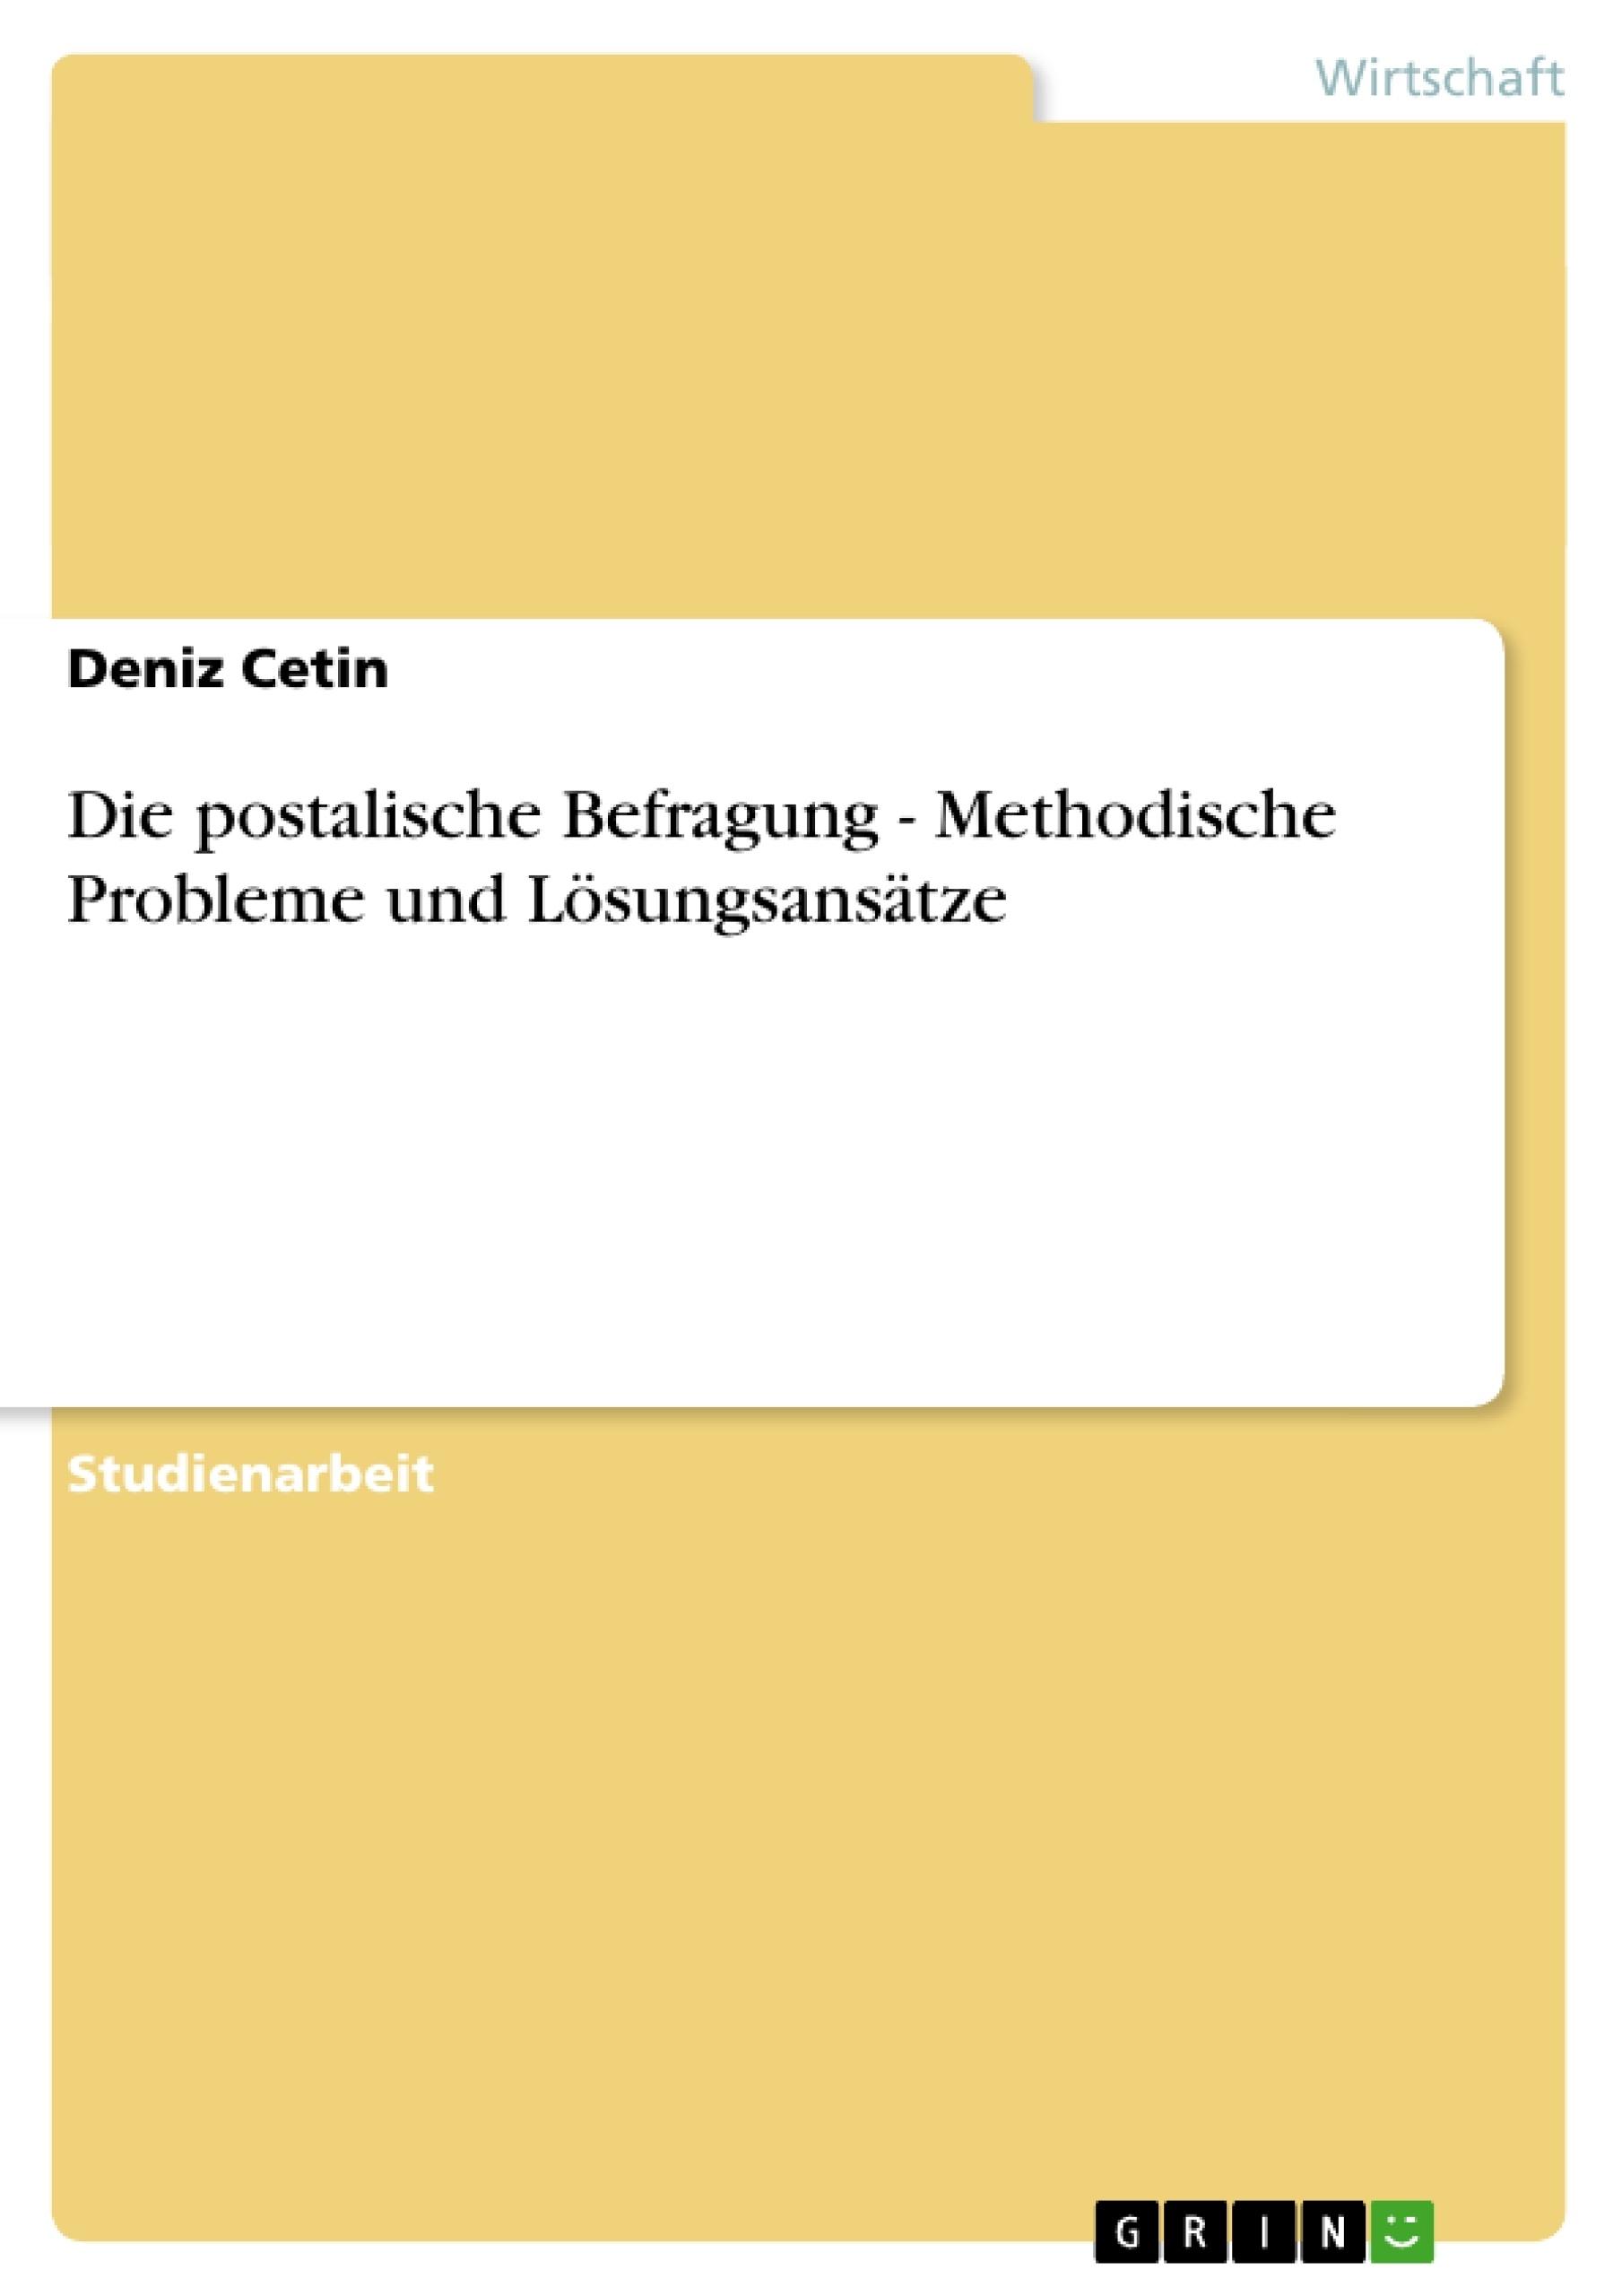 Titel: Die postalische Befragung  -  Methodische Probleme und Lösungsansätze